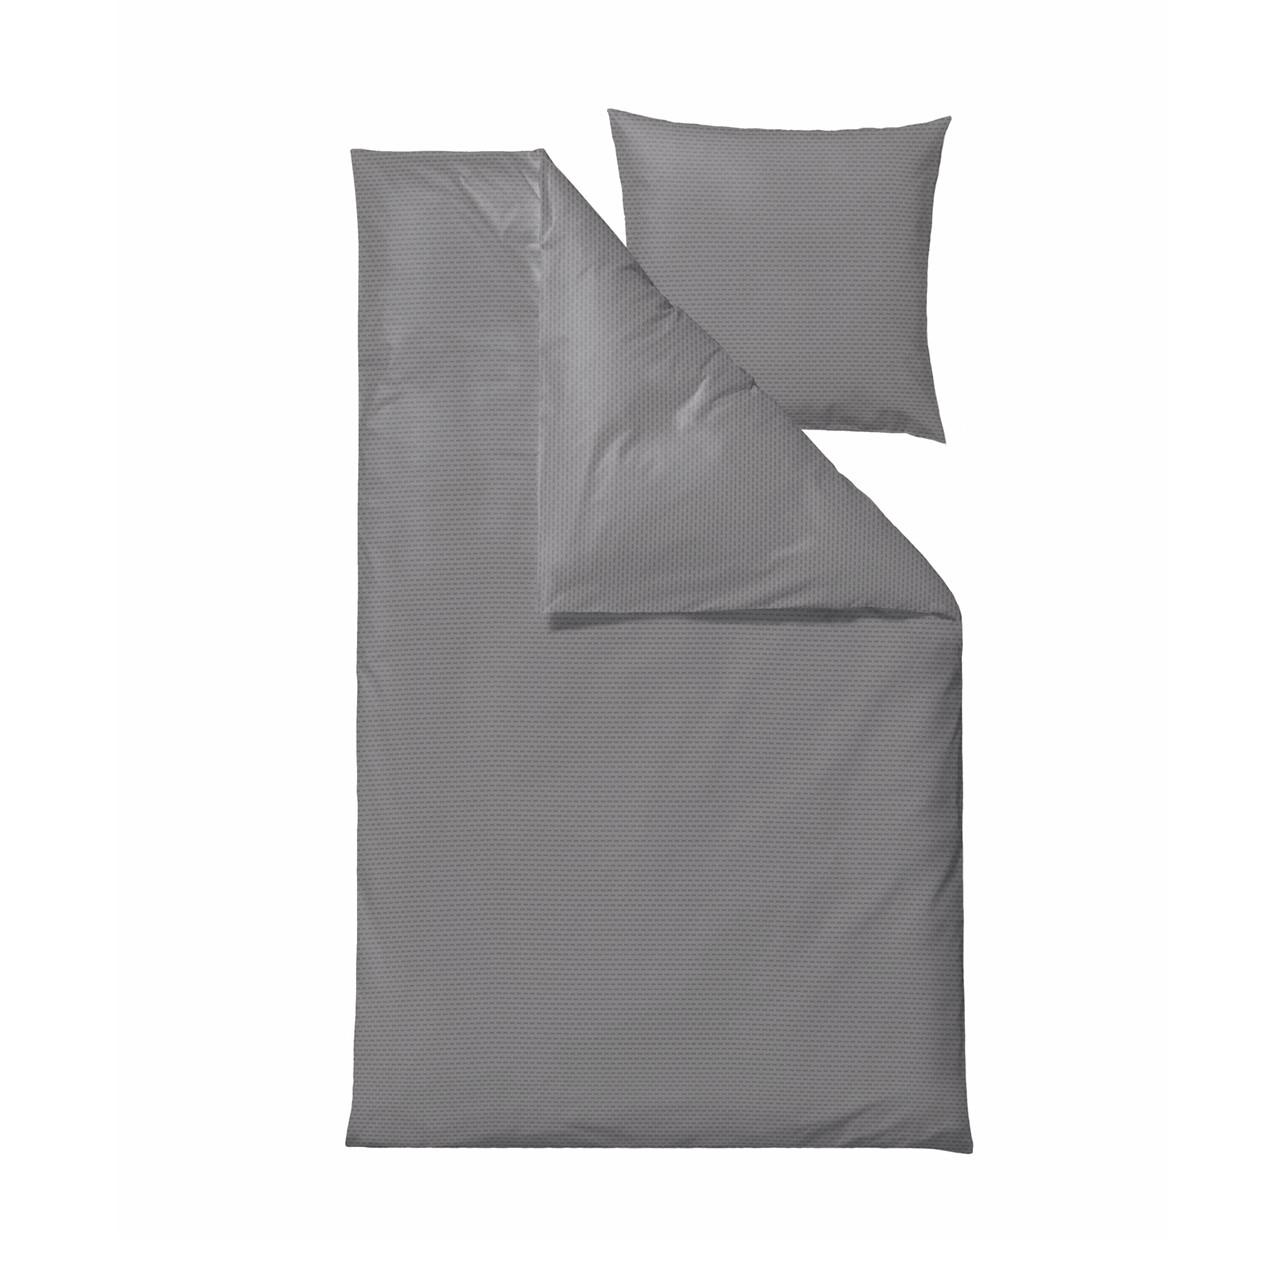 sengetøj 200x200 Södahl Bricks sengelinned 200 x 200 cm grå » Køb her sengetøj 200x200